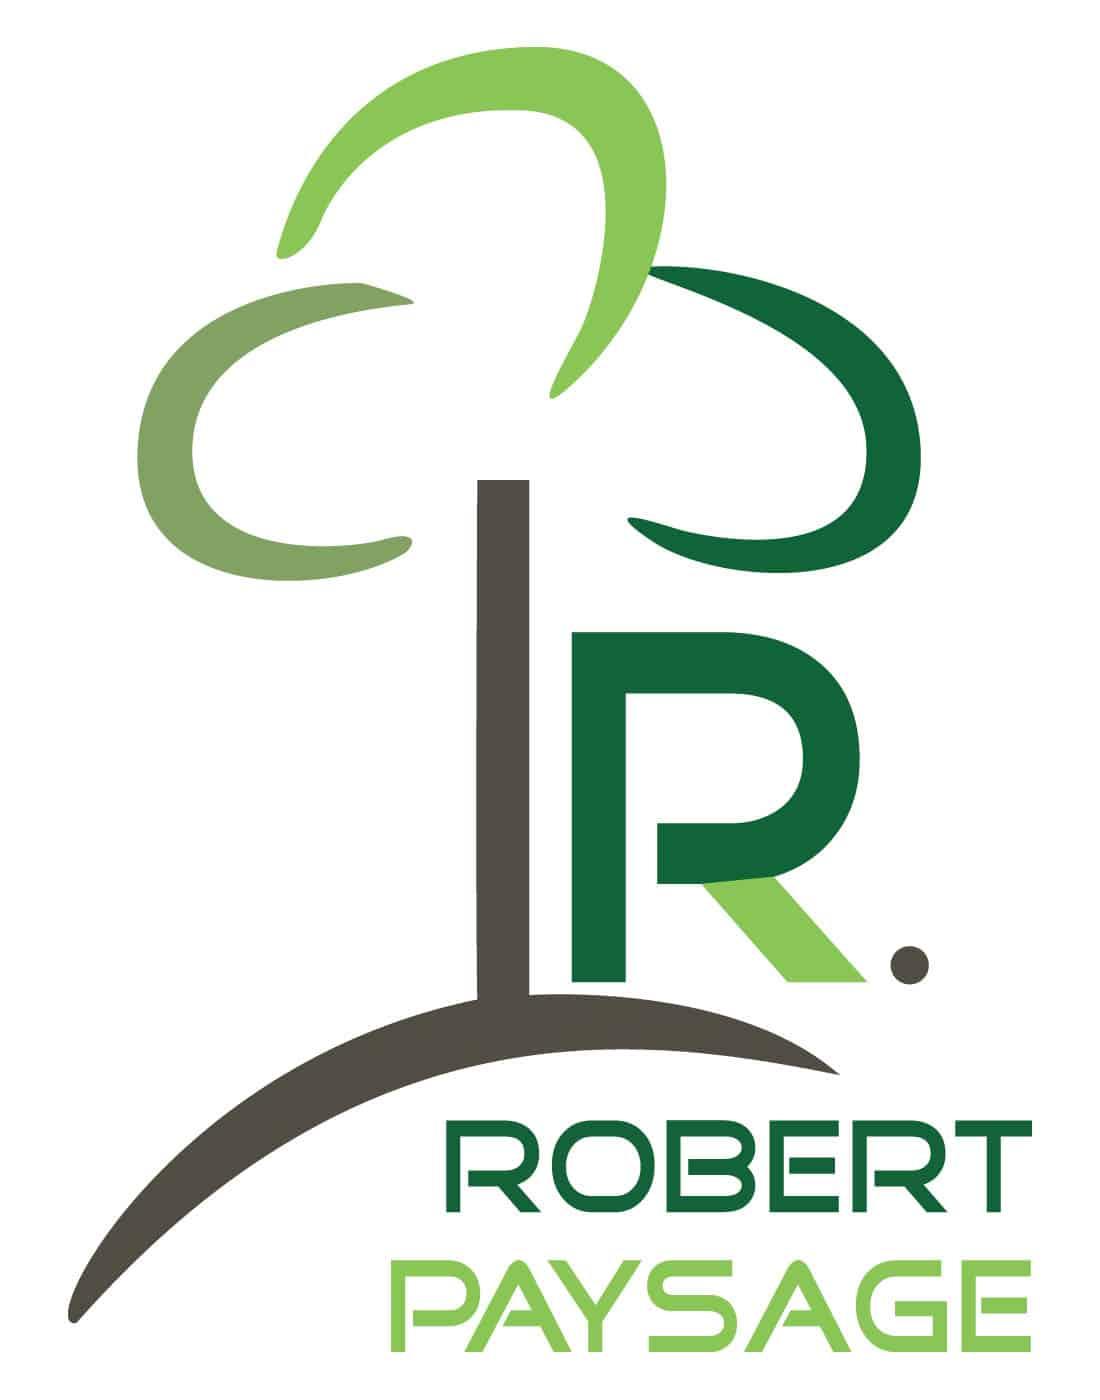 Logo ROBERT PAYSAGE